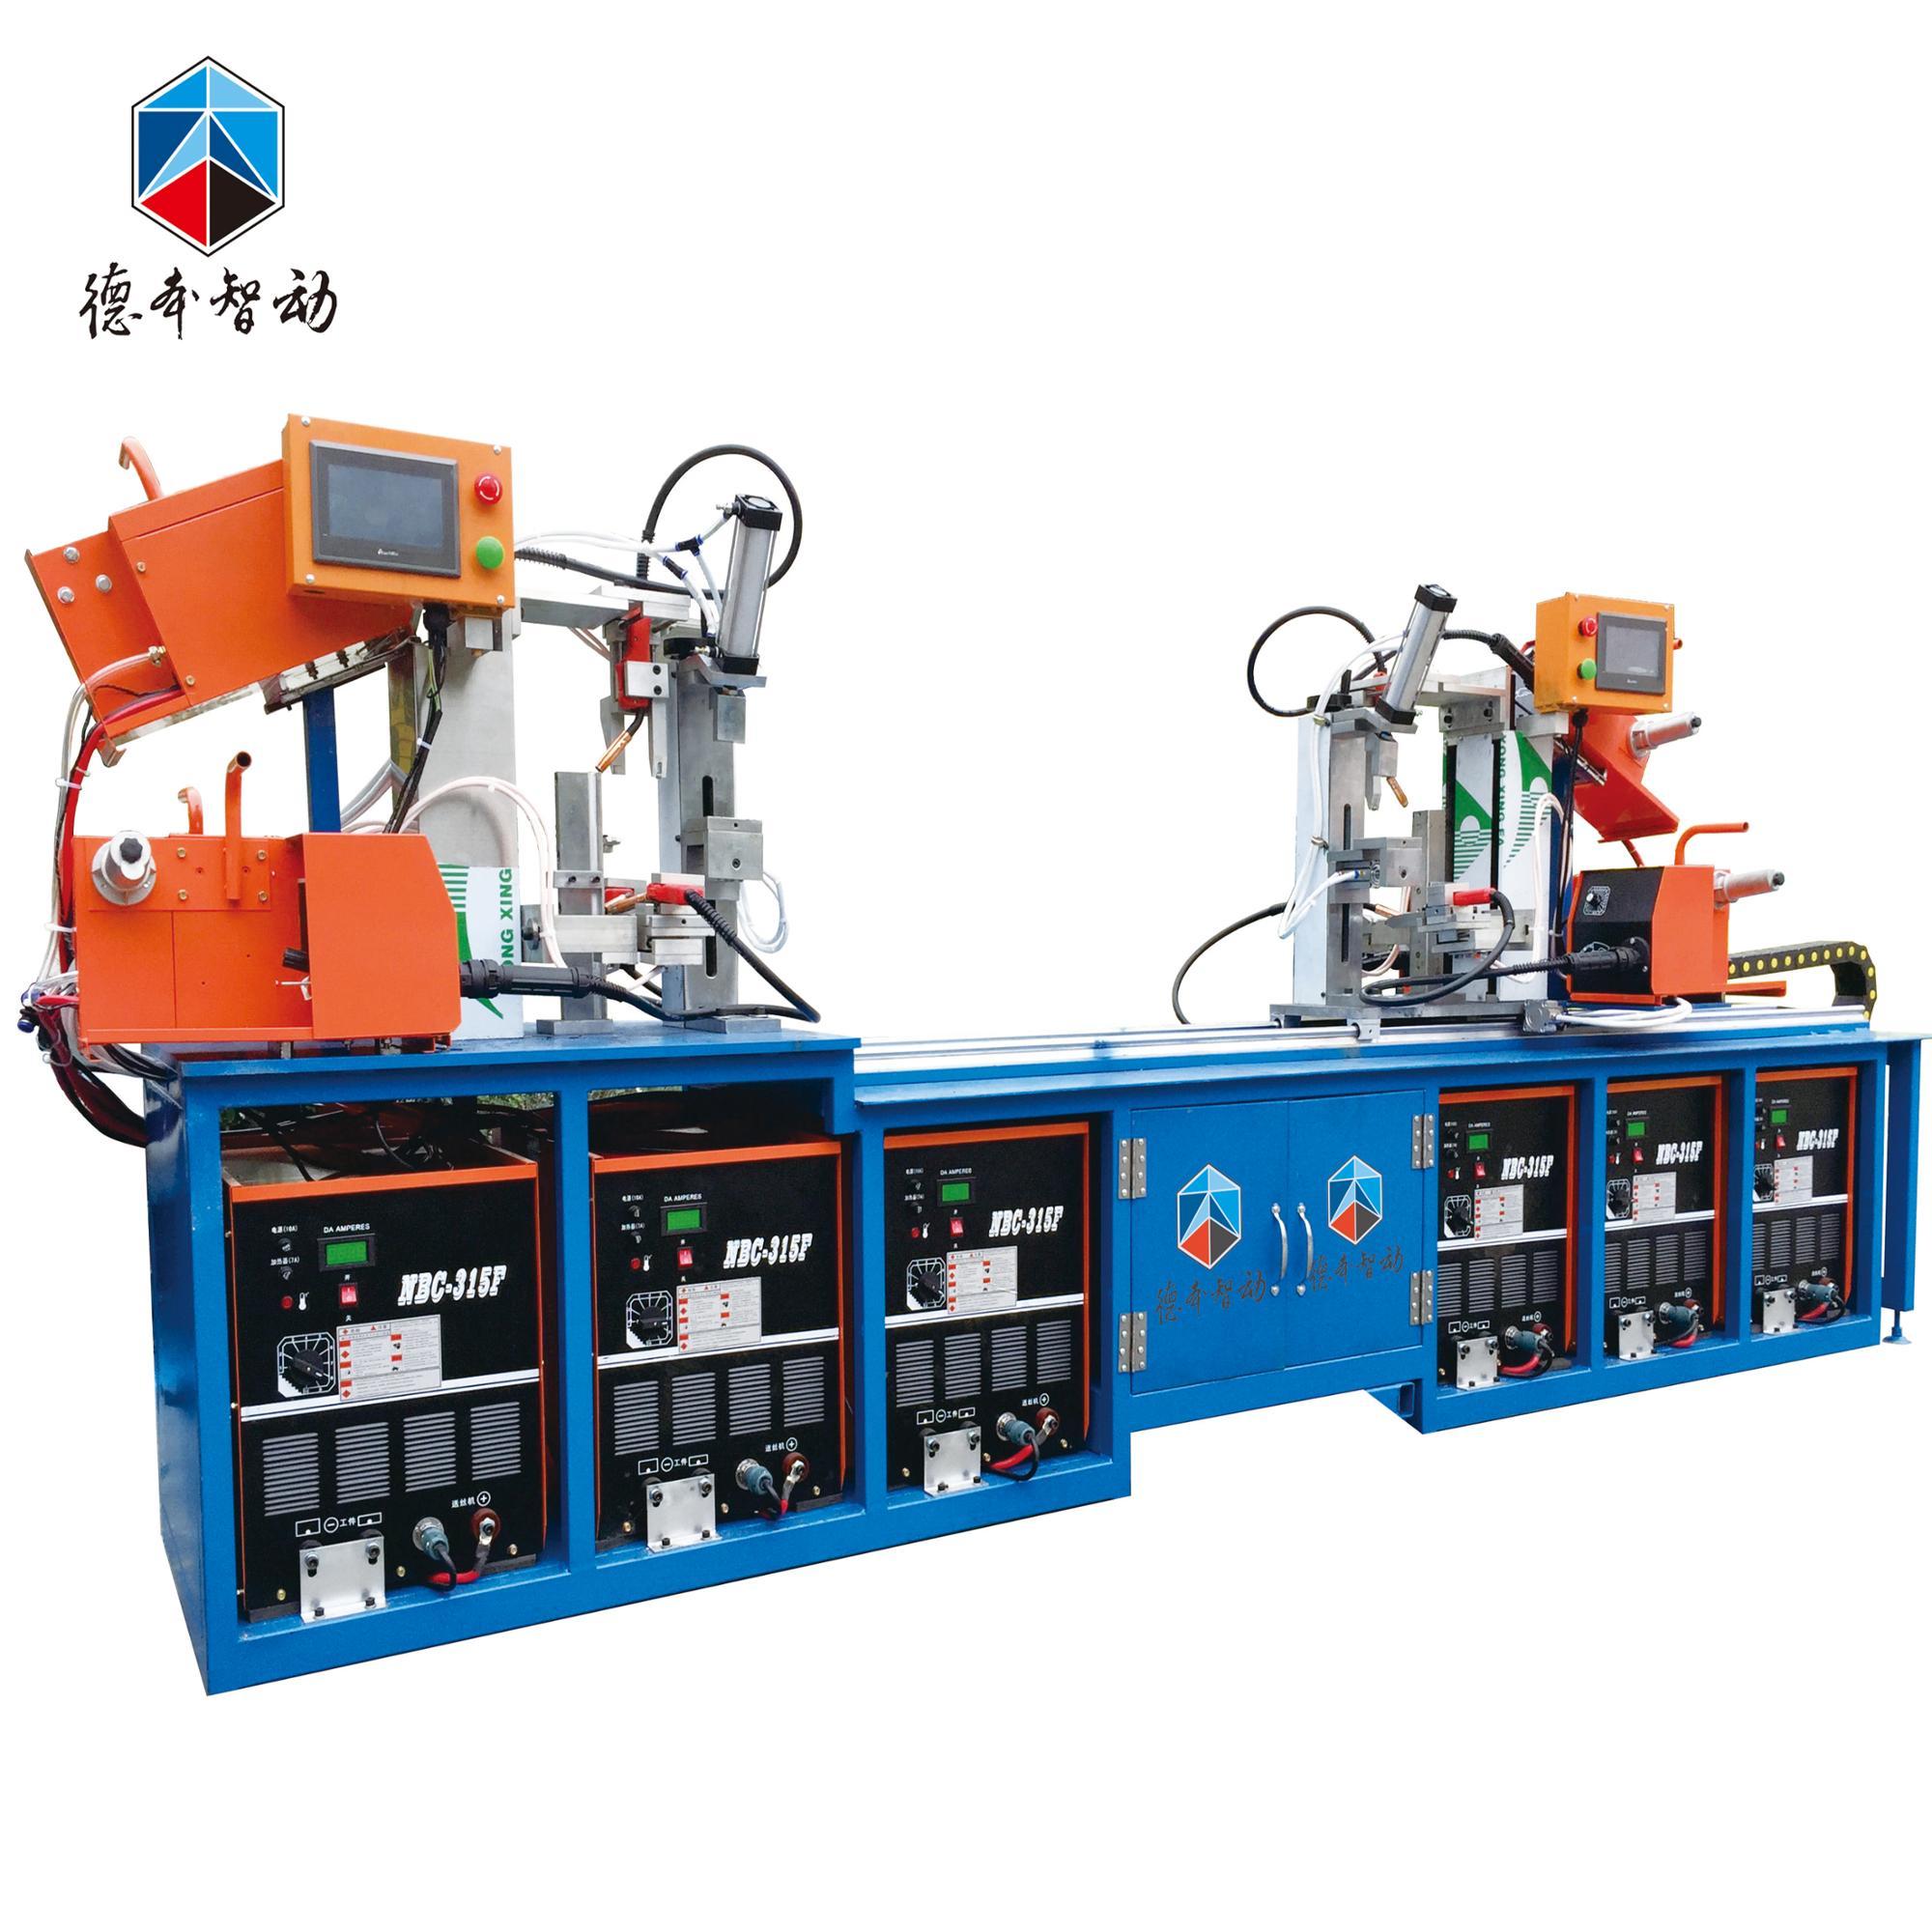 Co2/mig/mag Welding Machine, Co2/mig/mag Welding Machine Suppliers ...